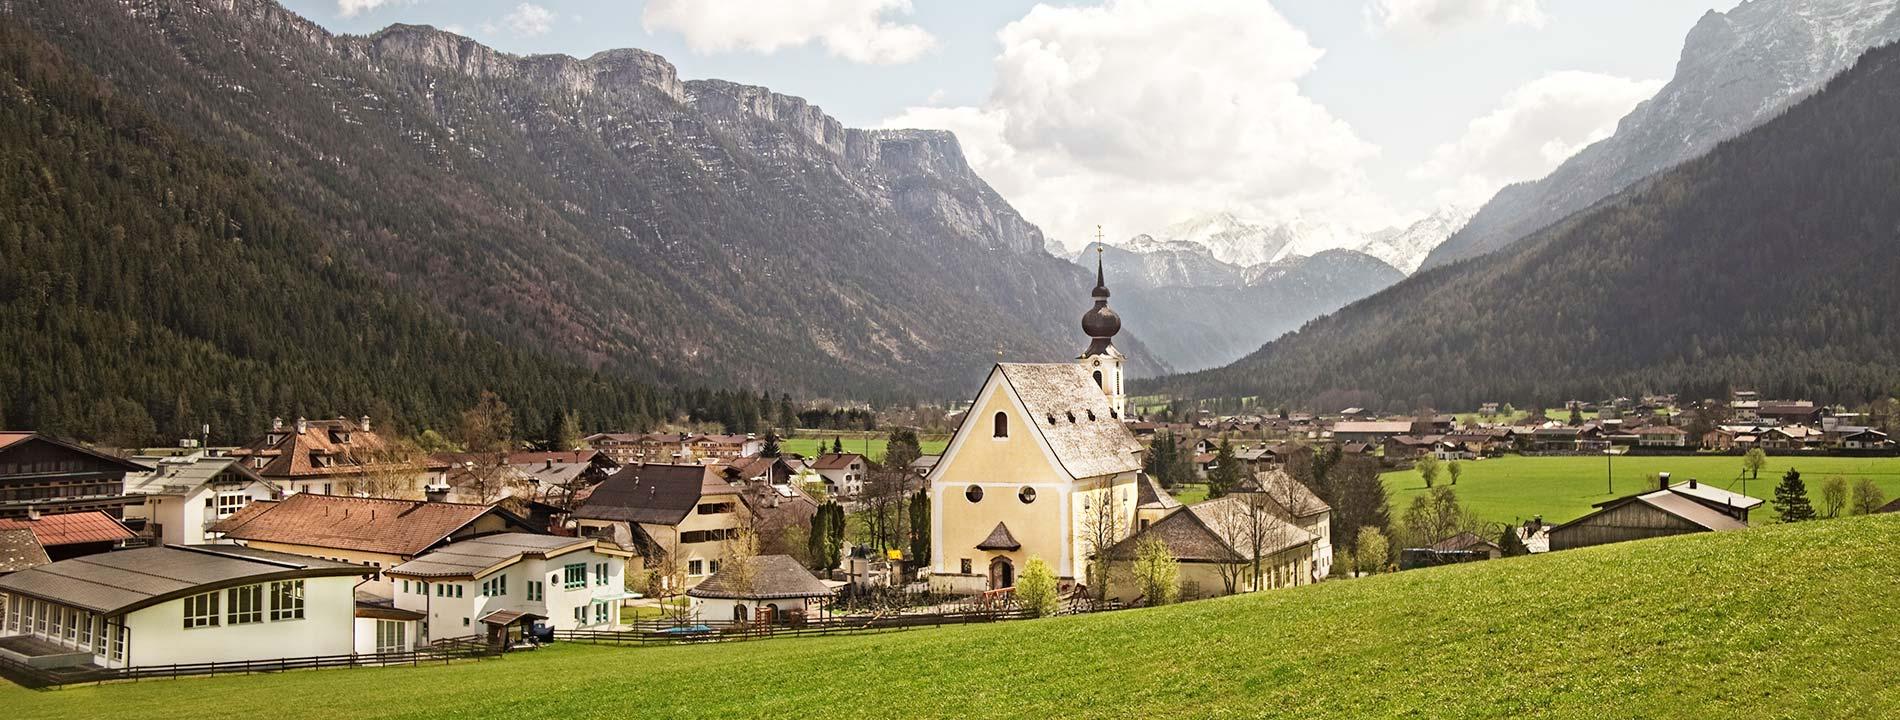 Reiterbauer - Waidring - in den Kitzbheler Alpen